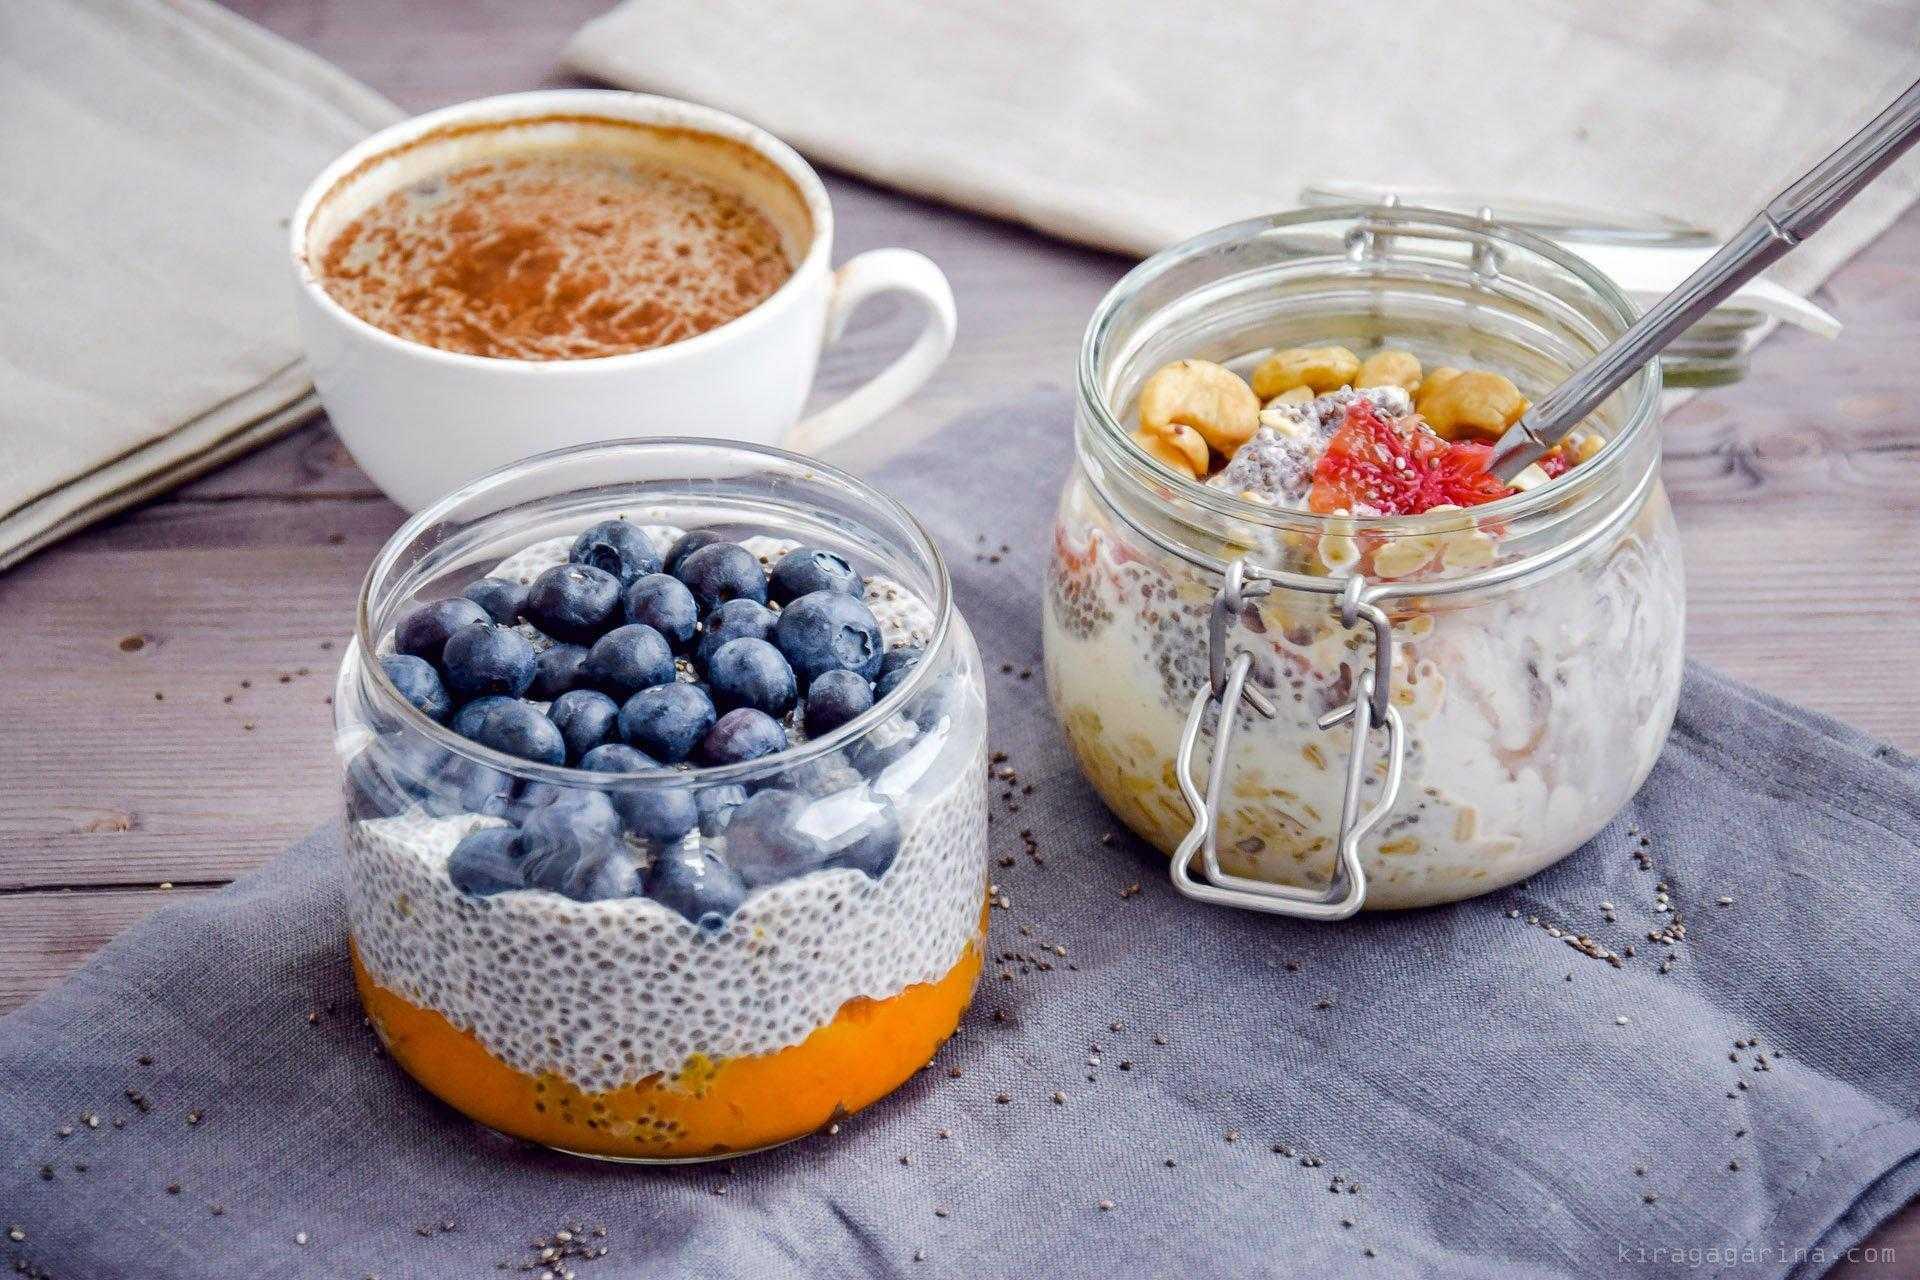 Рецепты с семенами чиа: блюда для завтрака, пудинги, смузи, суперфуды